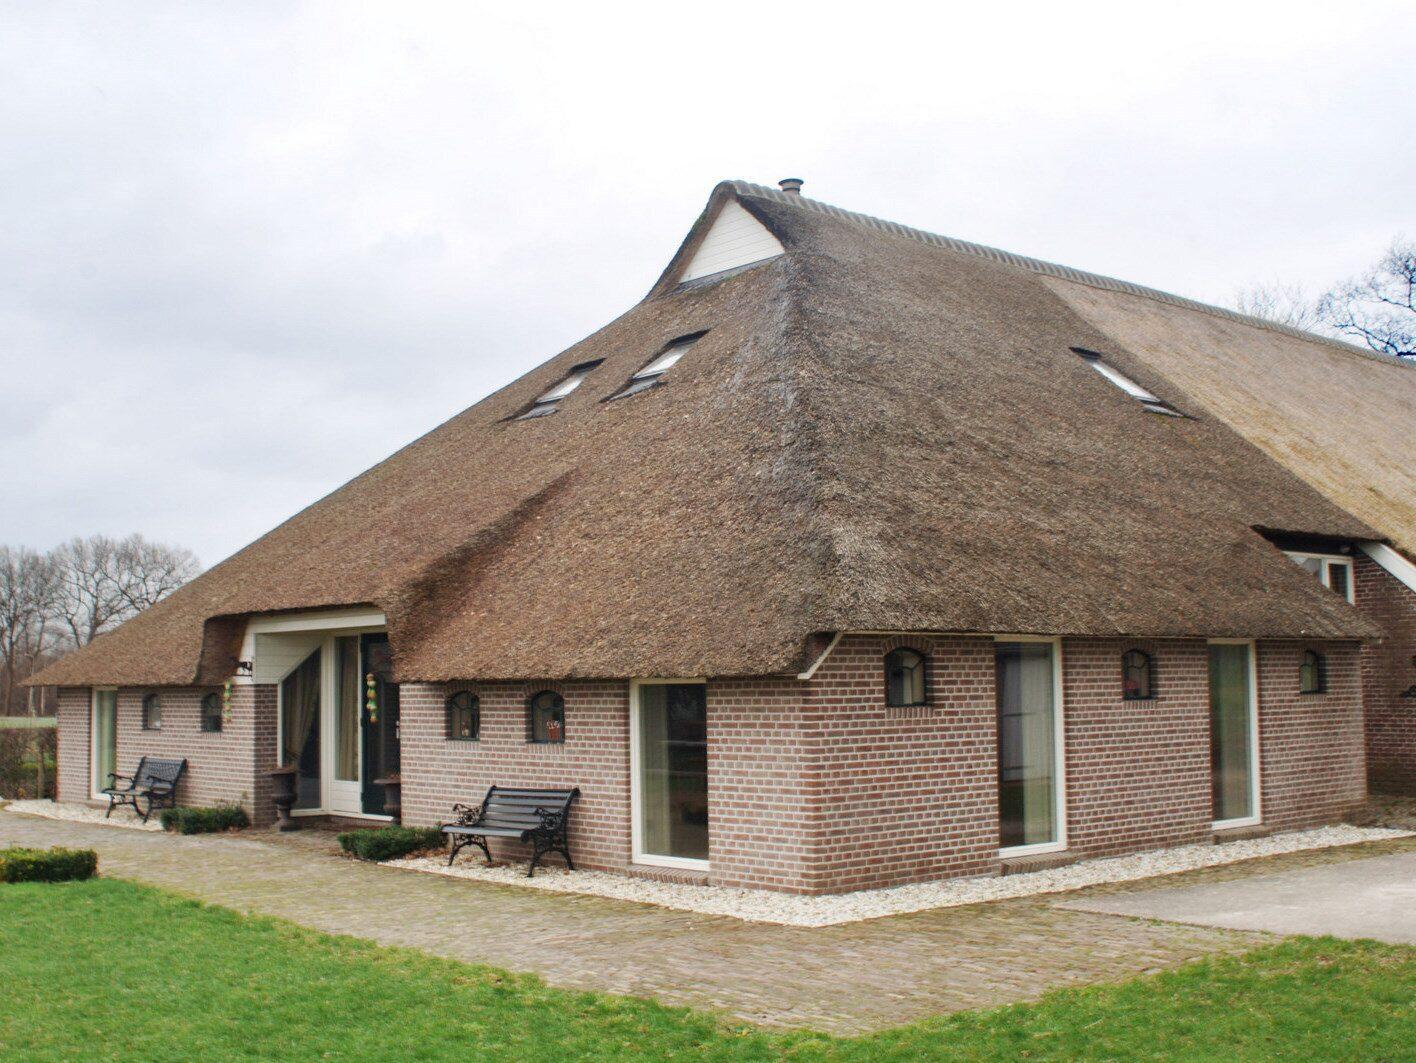 Boerderij 't Reestdal in Overijssel, vakantiehuis voor families